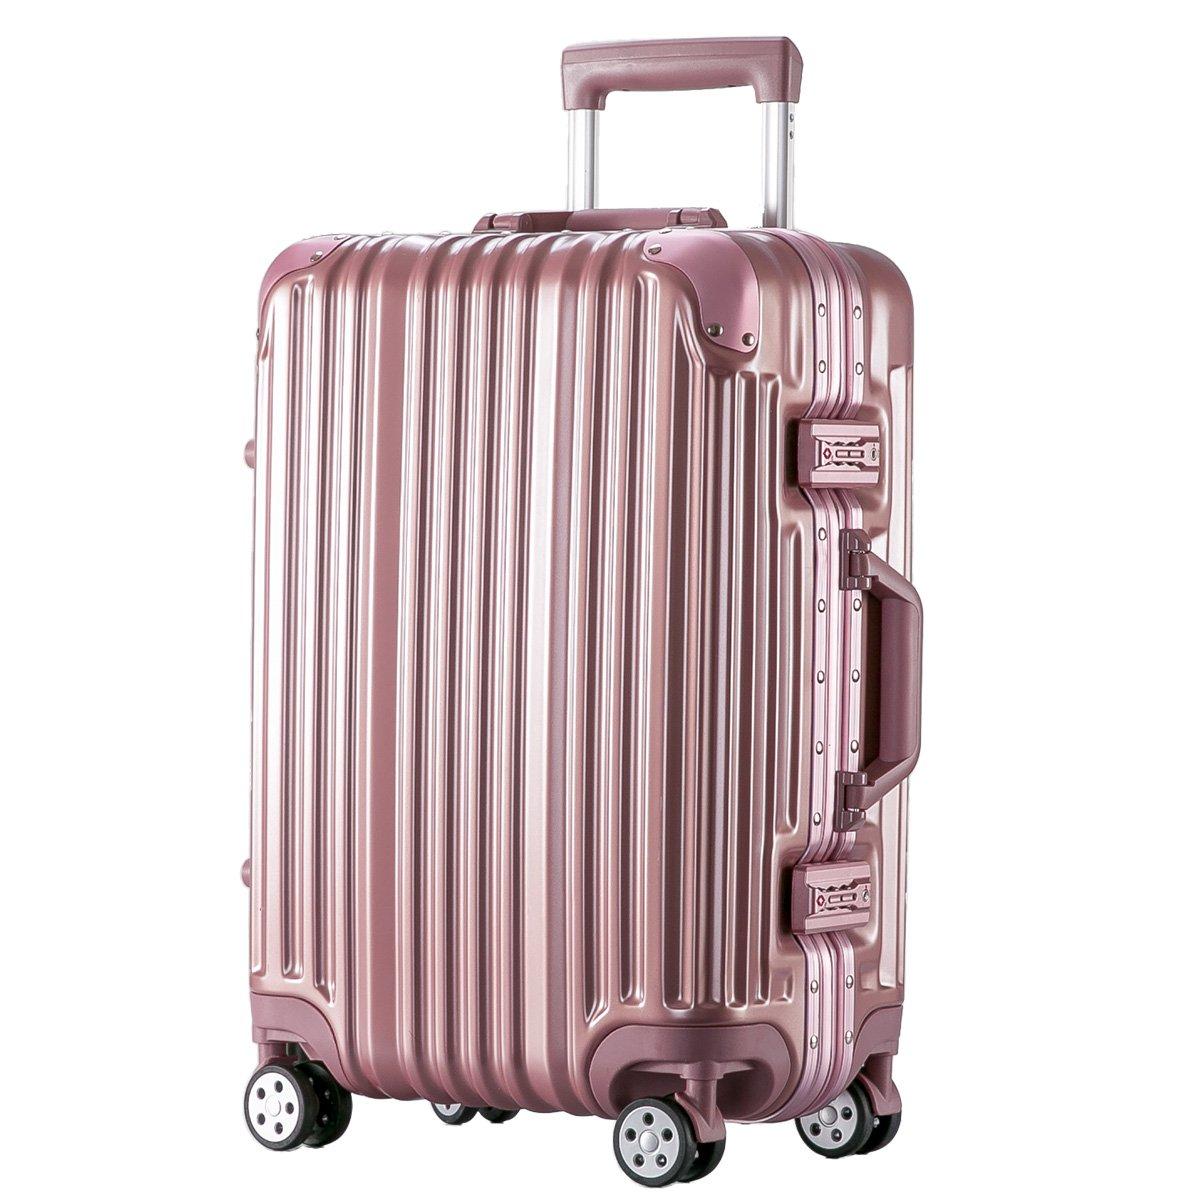 [トラベルハウス]Travelhouse スーツケース キャリーバッグ アルミフレーム ABS+PC 鏡面 超軽量 TSAロック B01L1J2ZYM L|ローズゴールド ローズゴールド L